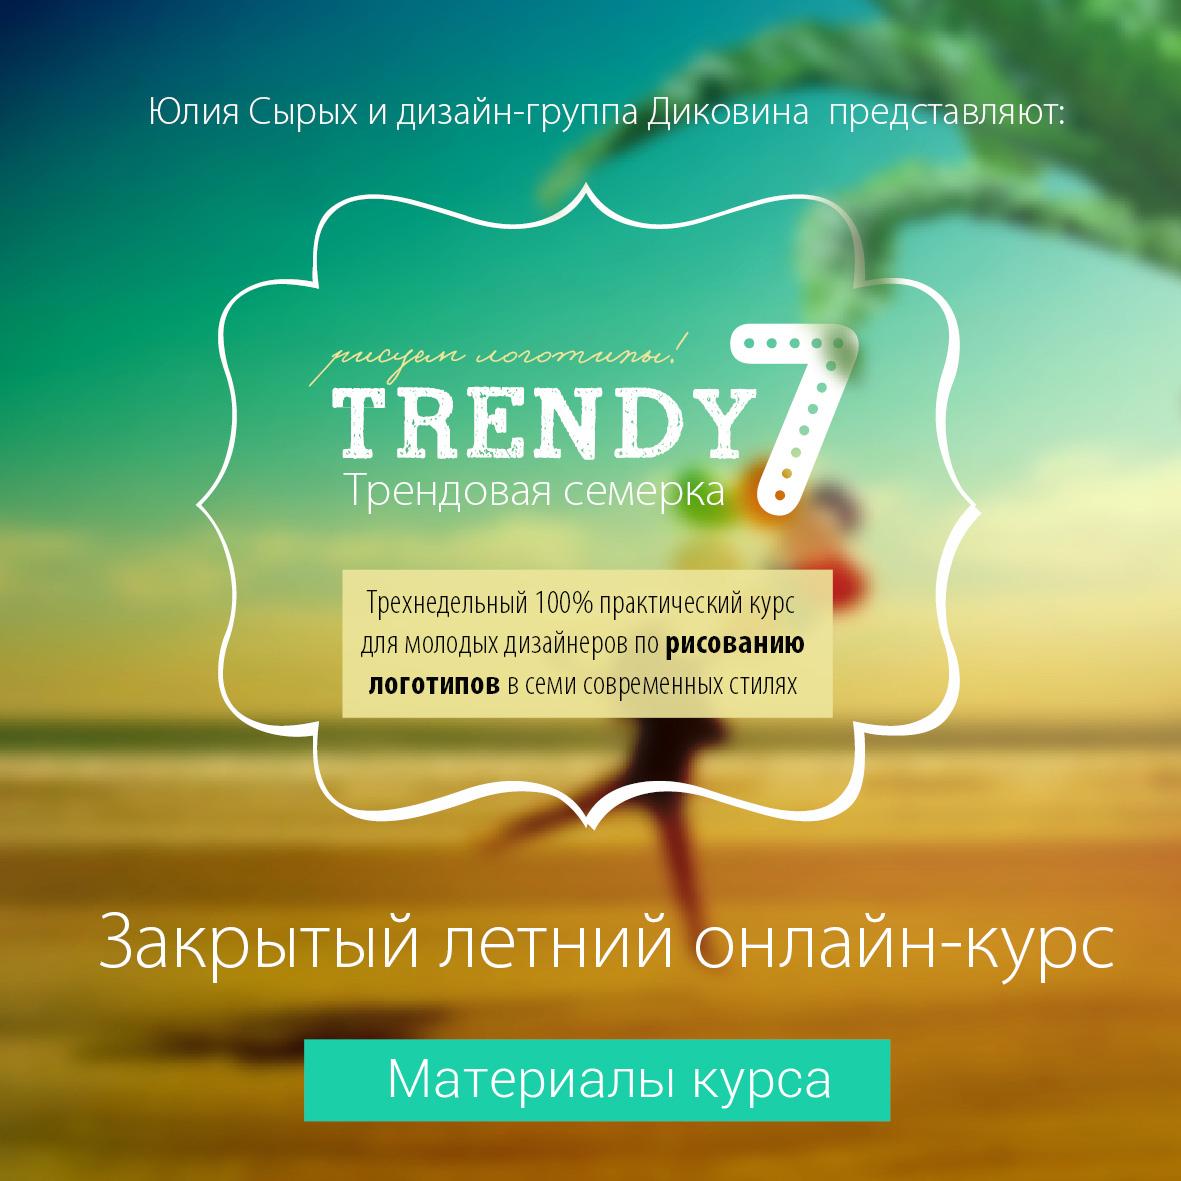 Трендовая семерка - онлайн-курс по созданию логотипов